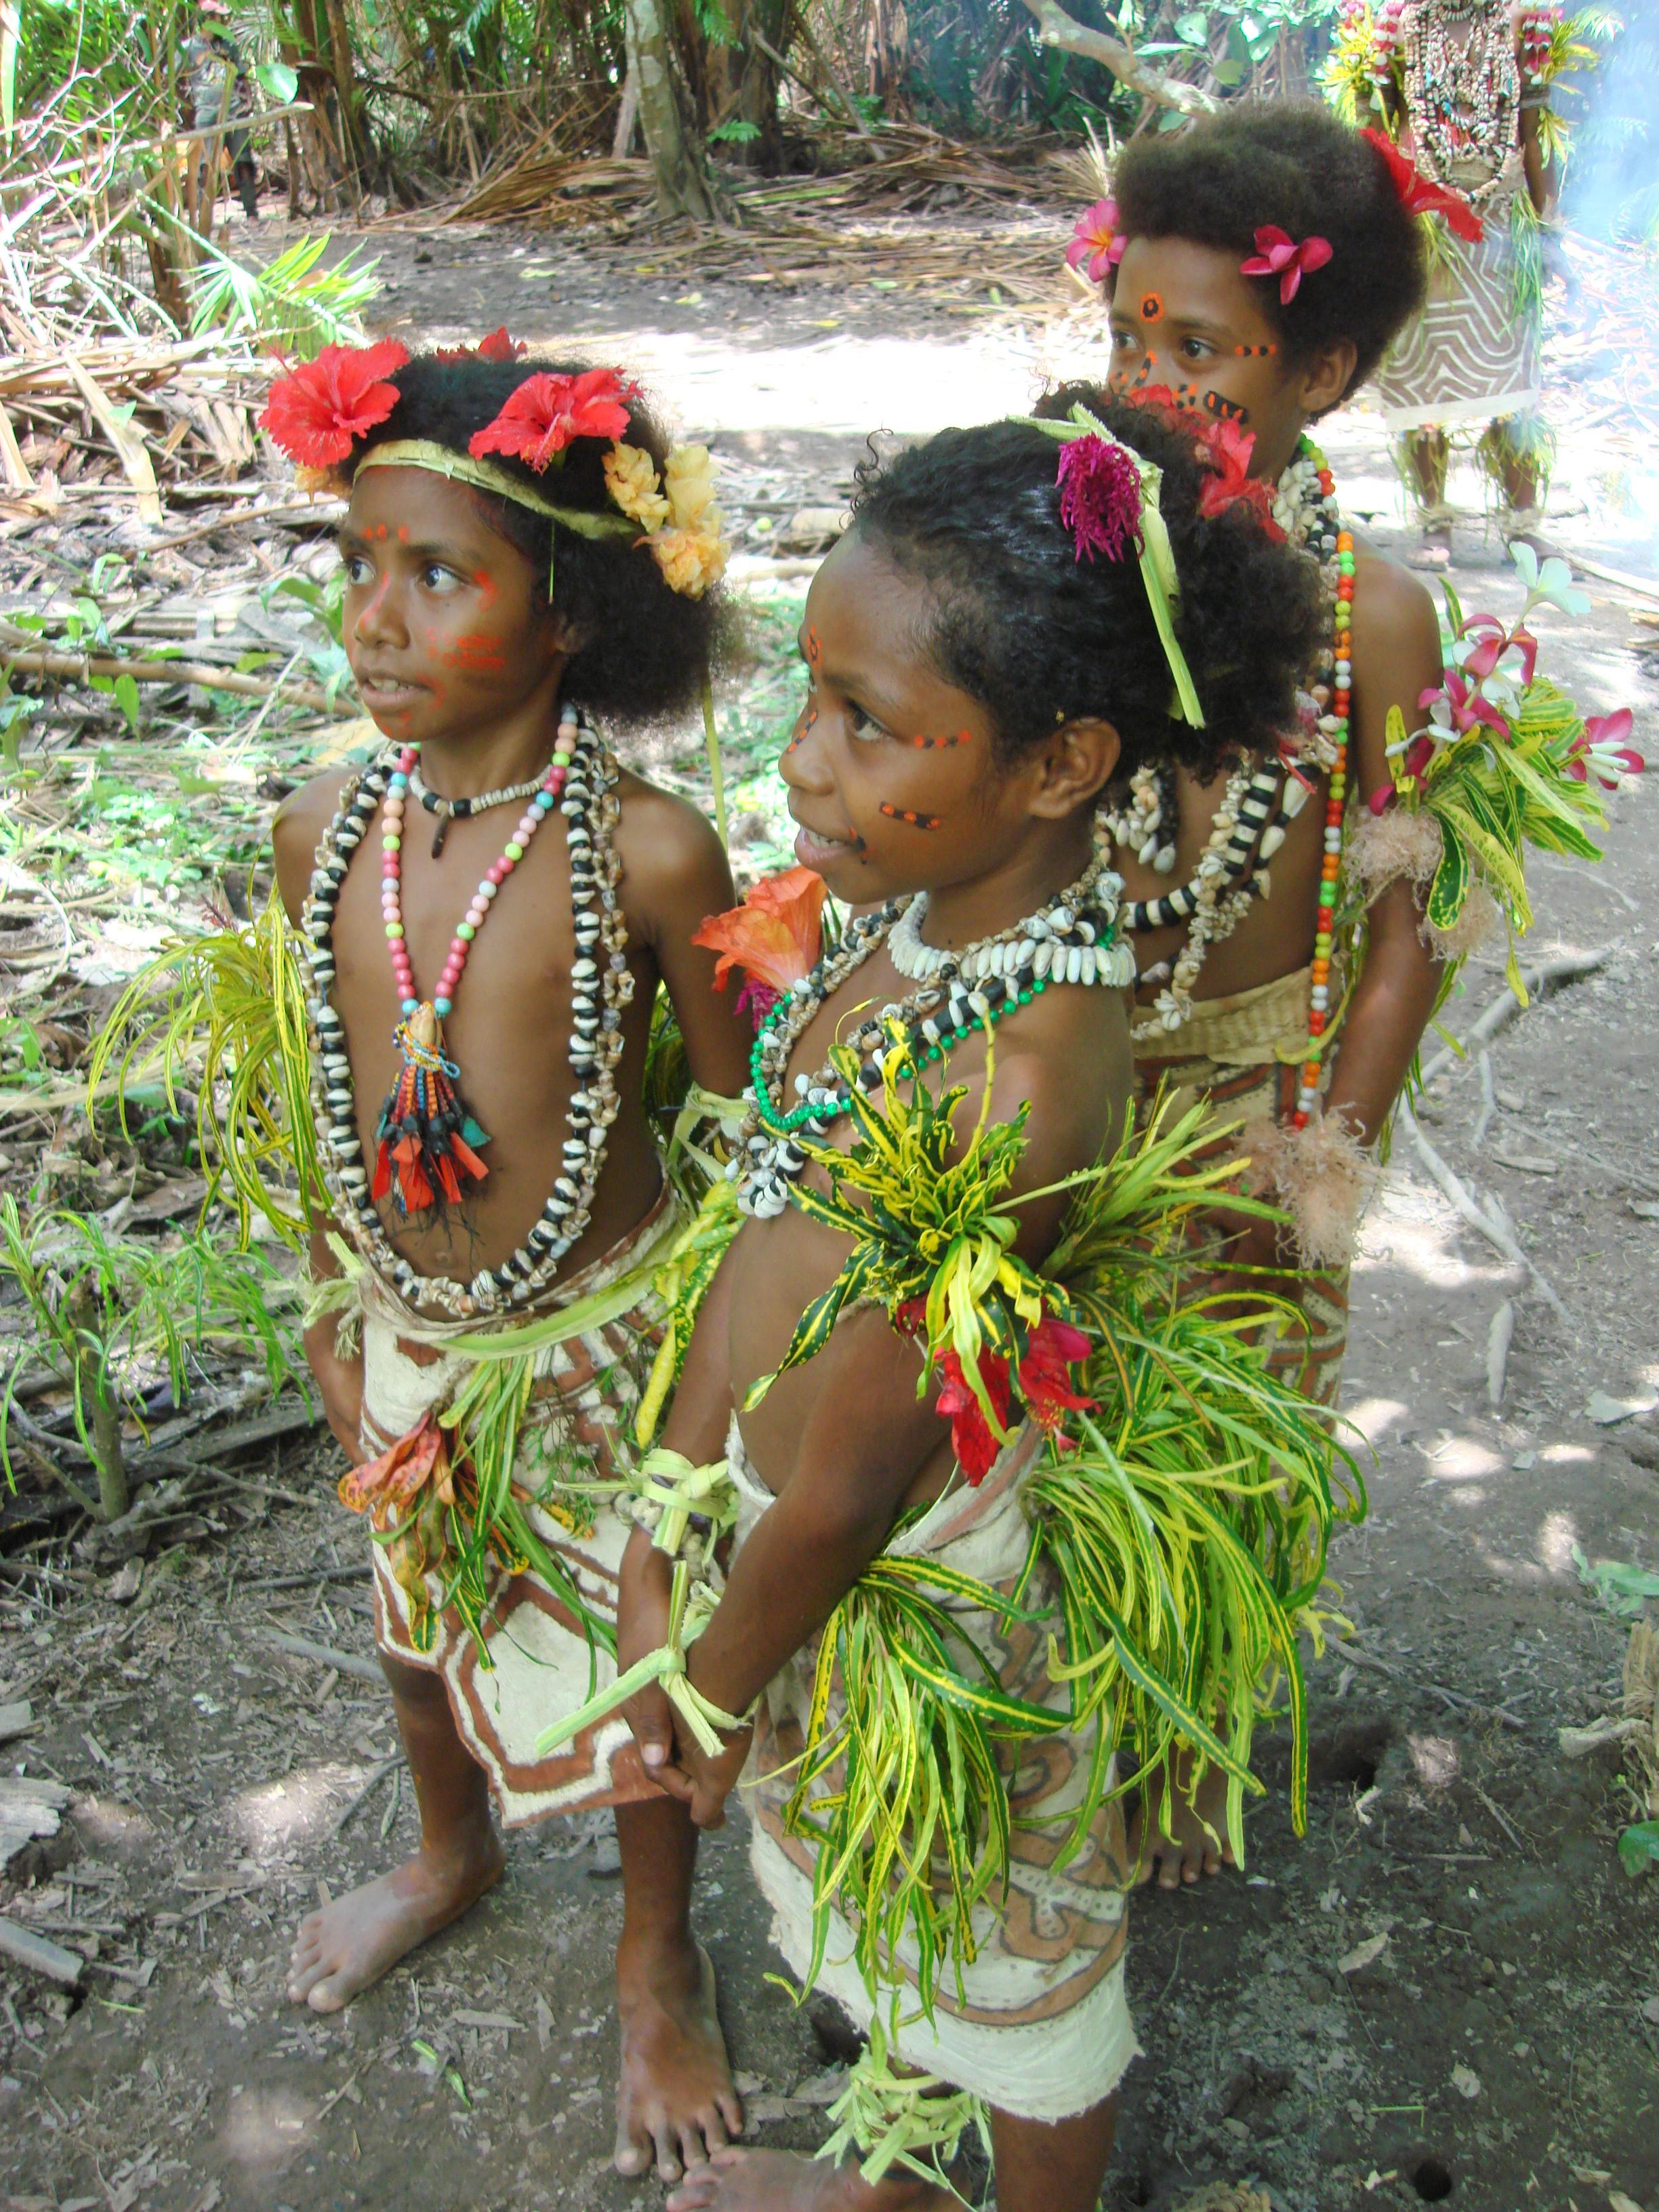 Trobrianders of Papua New Guinea Essay